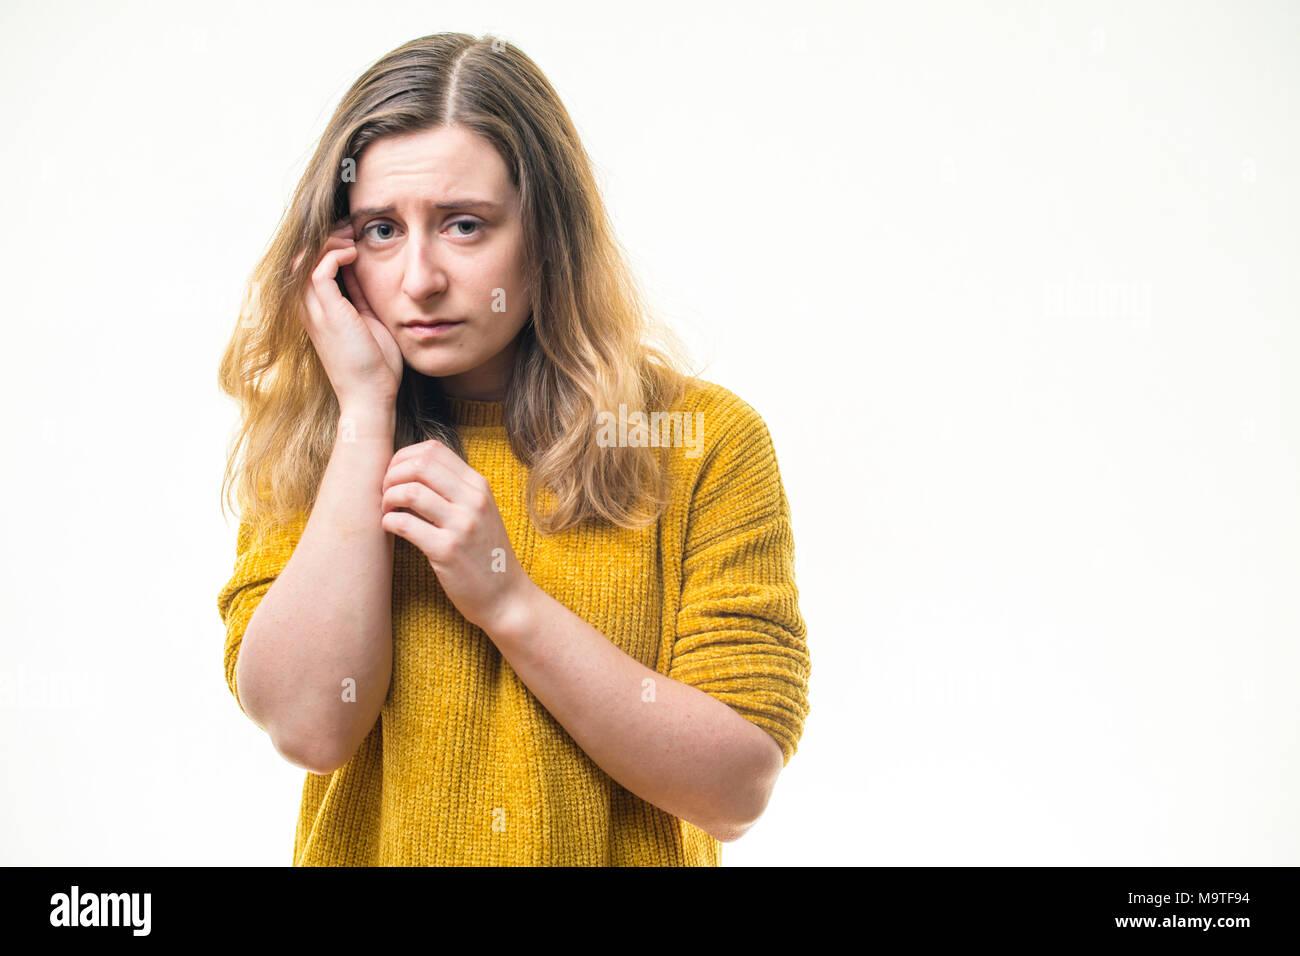 Ein Risiko anfällig, jungen kaukasischen Frau Mädchen allein, traurig einsam, unglücklich, deprimiert niedergeschlagen emotional mißbraucht nervös - auf einem weißen Hintergrund, Großbritannien Stockbild